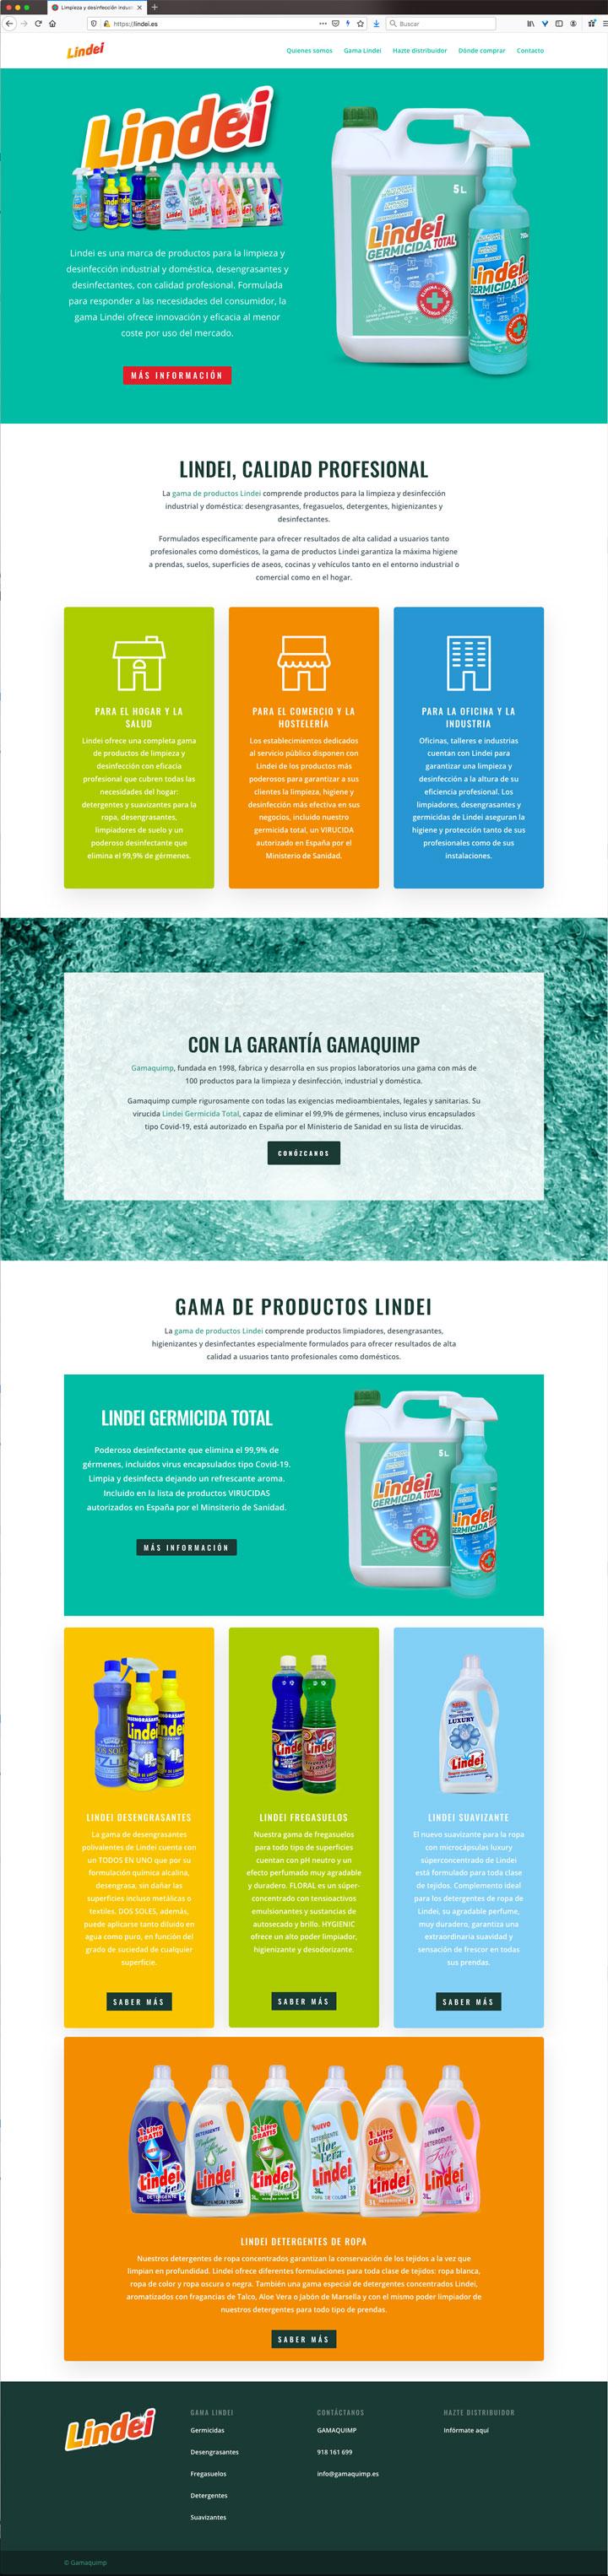 symp para Gamaquimp. Packaging Lindei y diseño web Lindei germicida total. Diseño de marca, etiquetado de envases y landing page en WordPress para virucida y desinfectante multiusos.